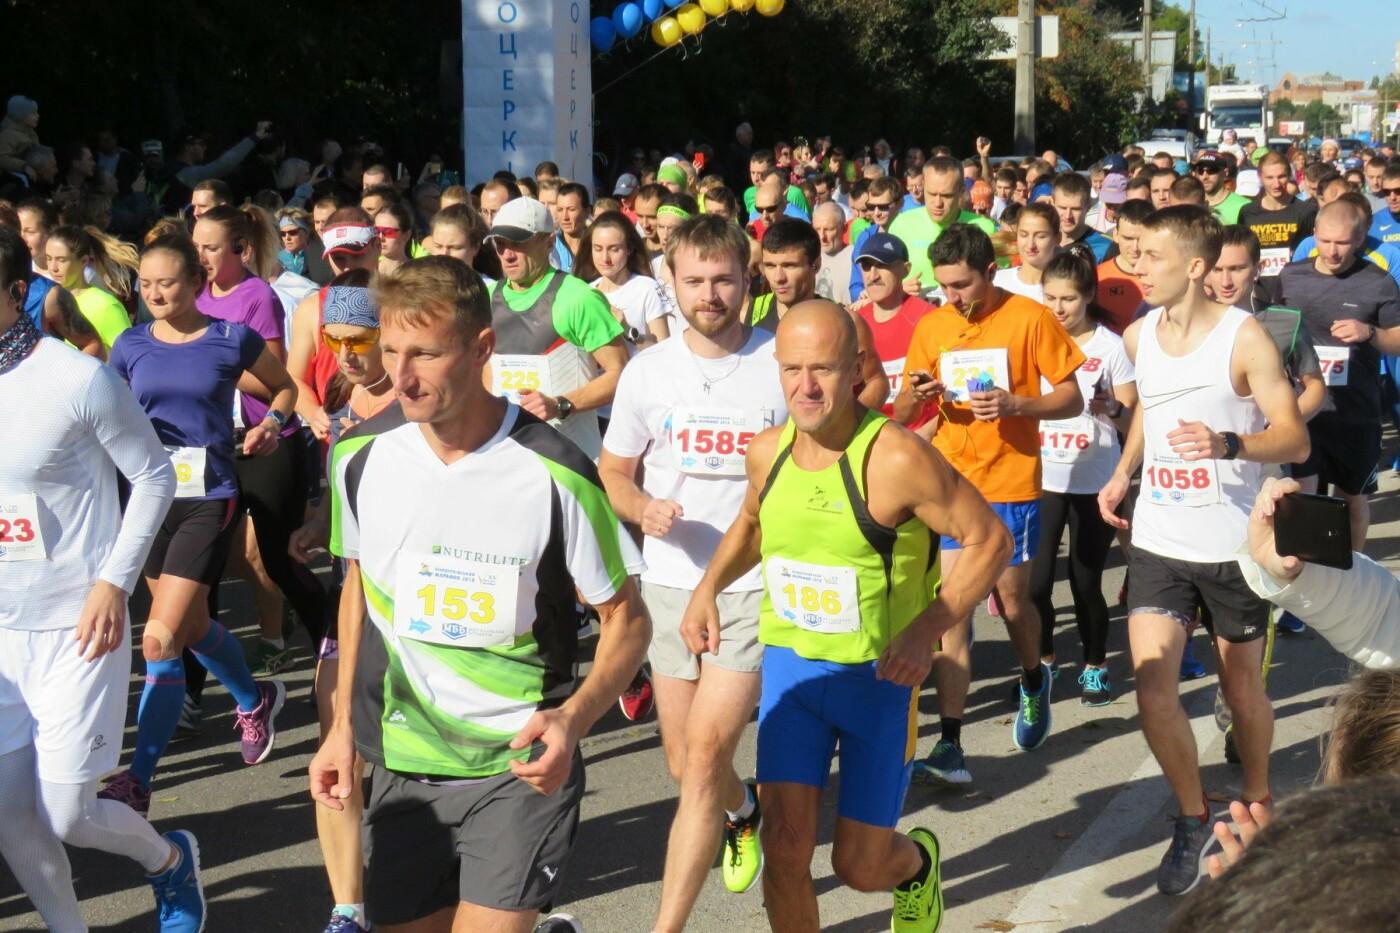 Понад 700 осіб взяли участь в Міжнародному Білоцерківському марафоні, фото-2